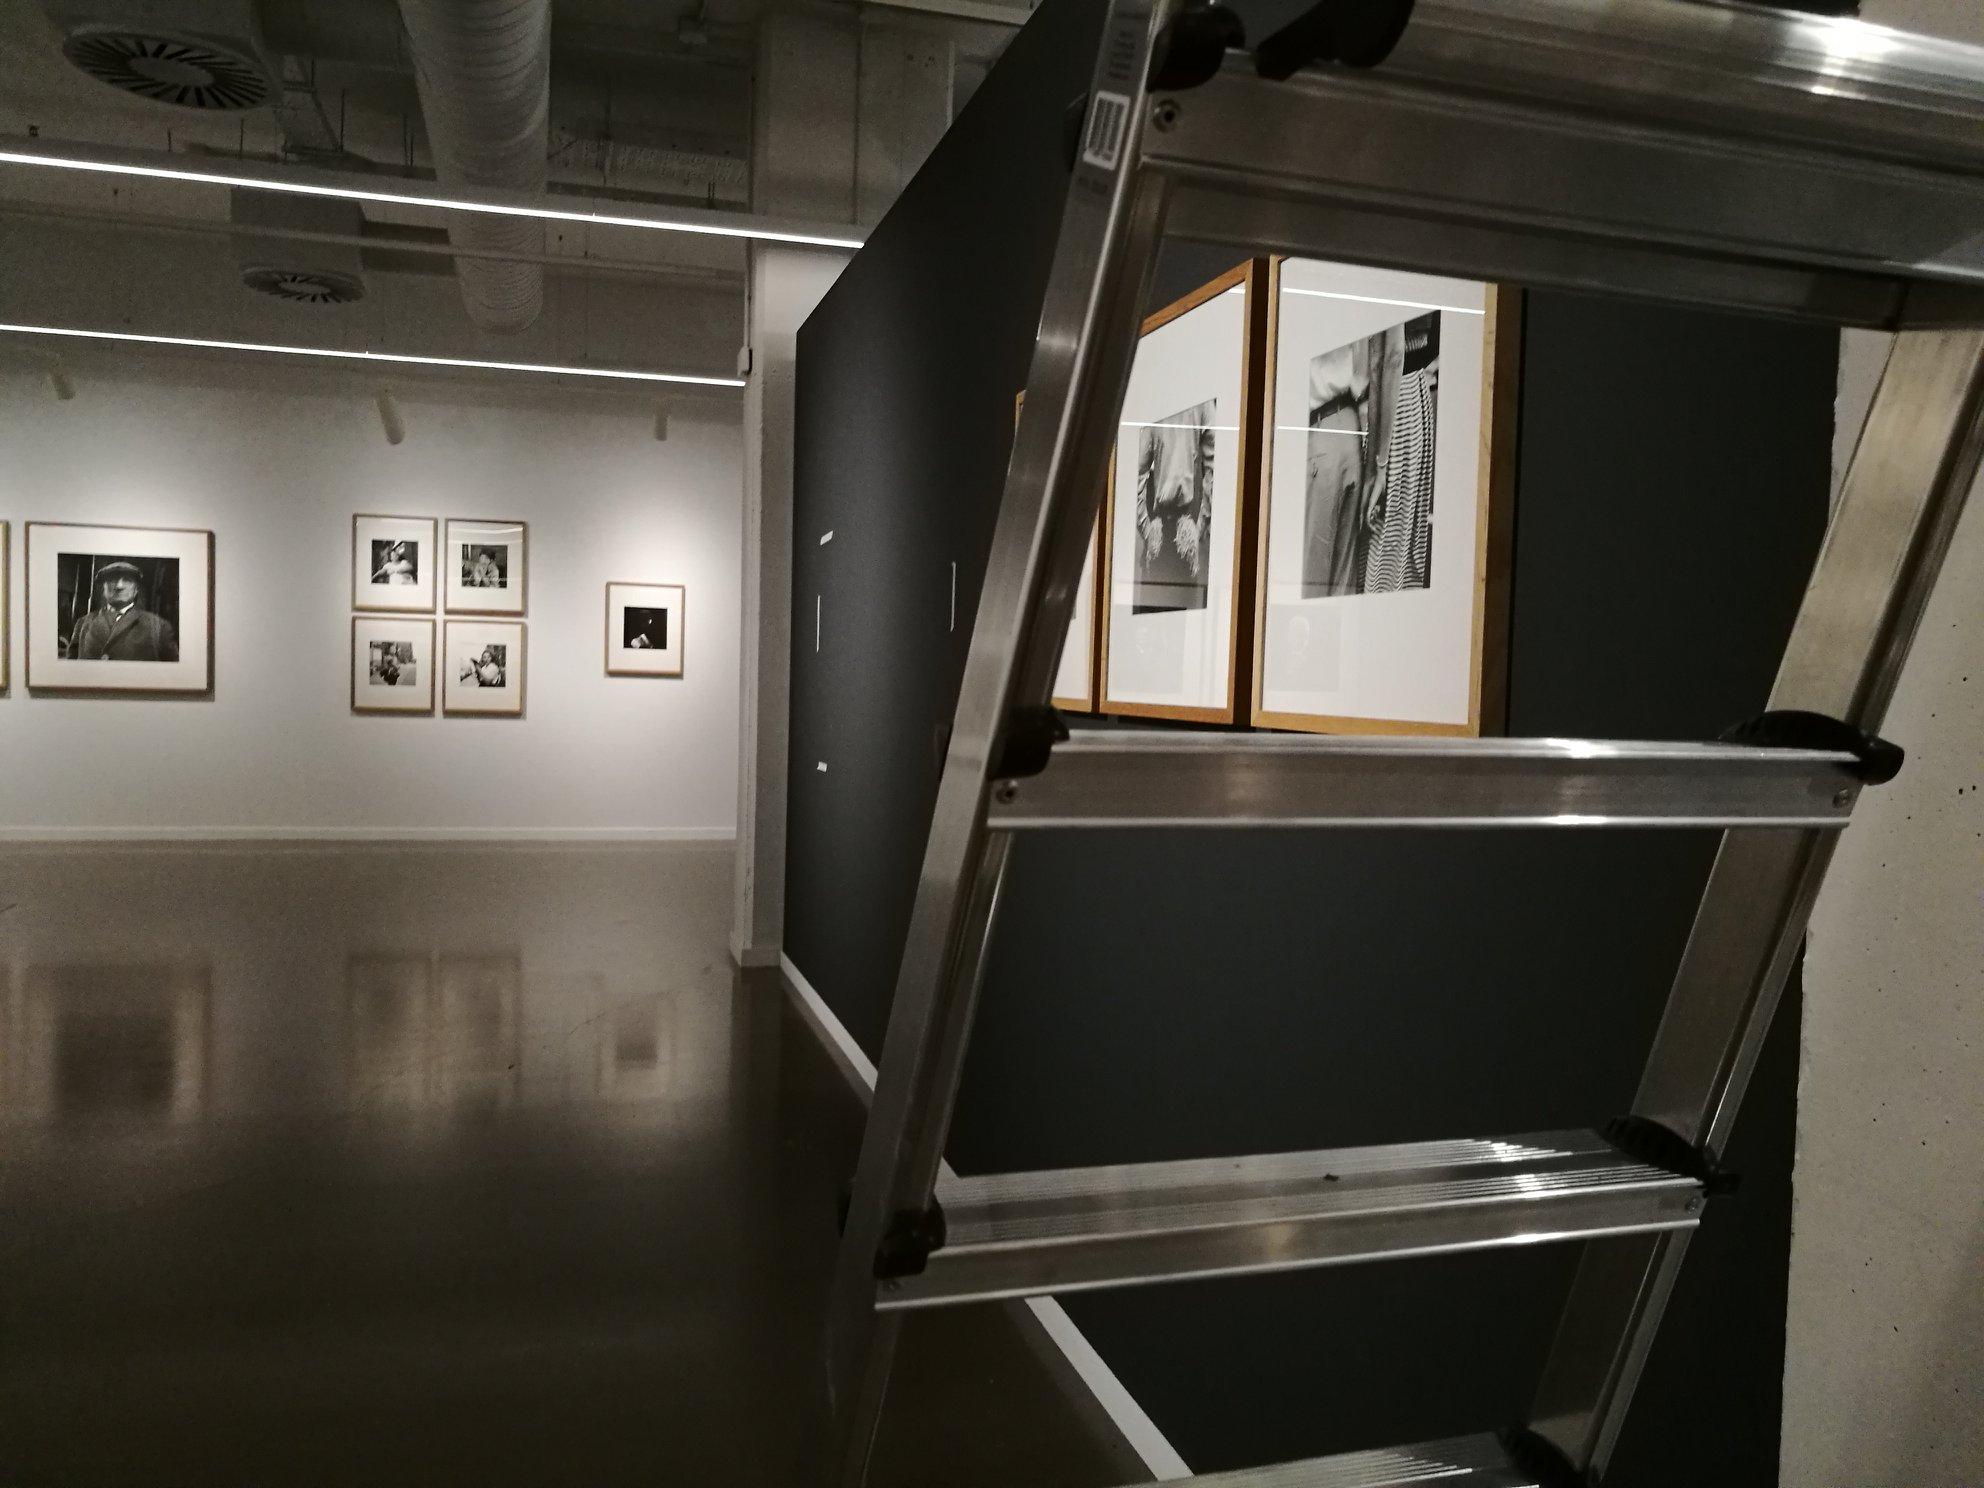 Nos colamos en la exposición de Vivian Maier de San Sebastián y te adelantamos lo que verás a partir del viernes: 135 fotones espectaculares